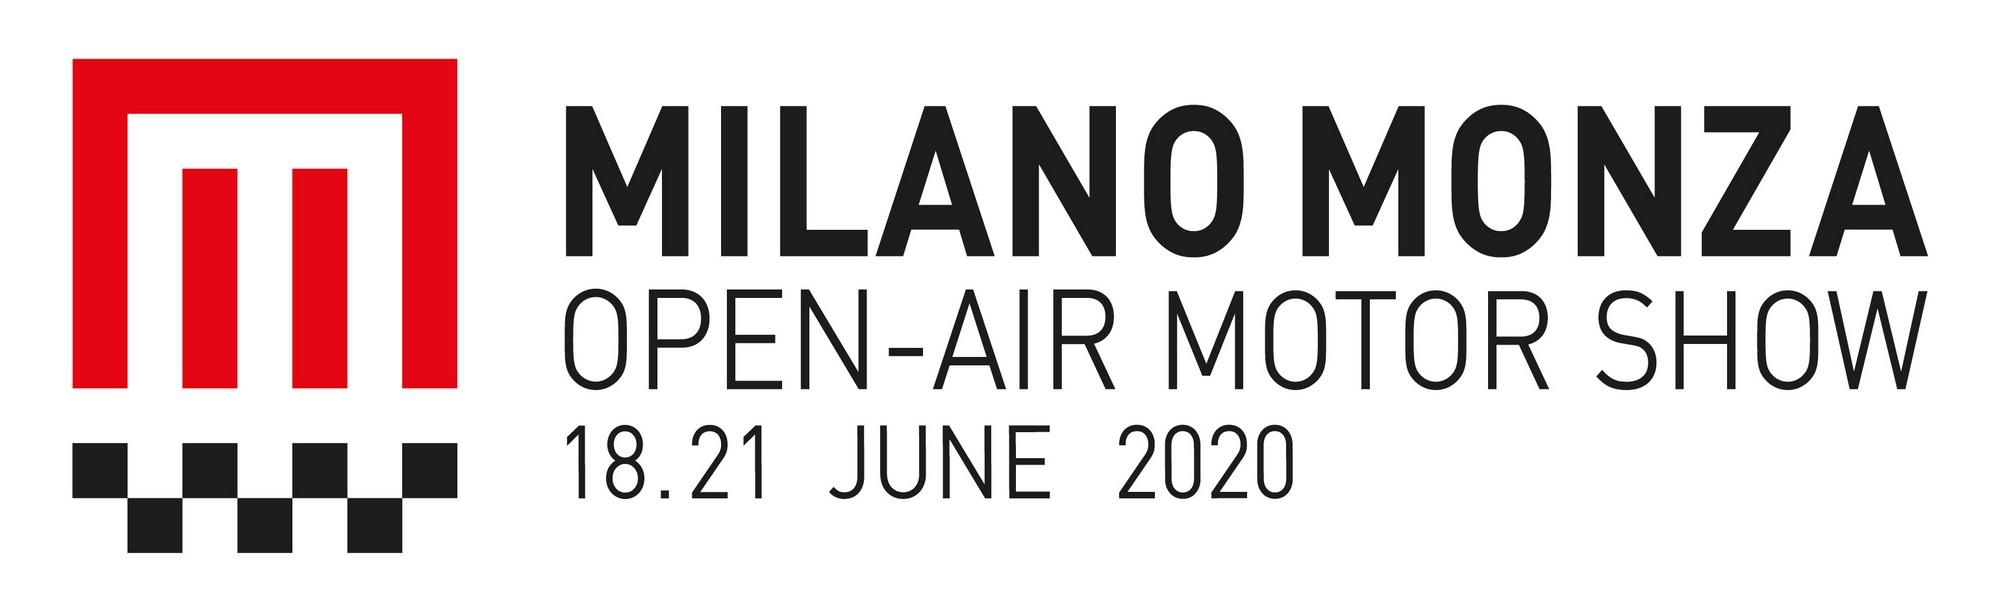 Milano Monza Motor Show: quattro giorni di puro spettacolo thumbnail